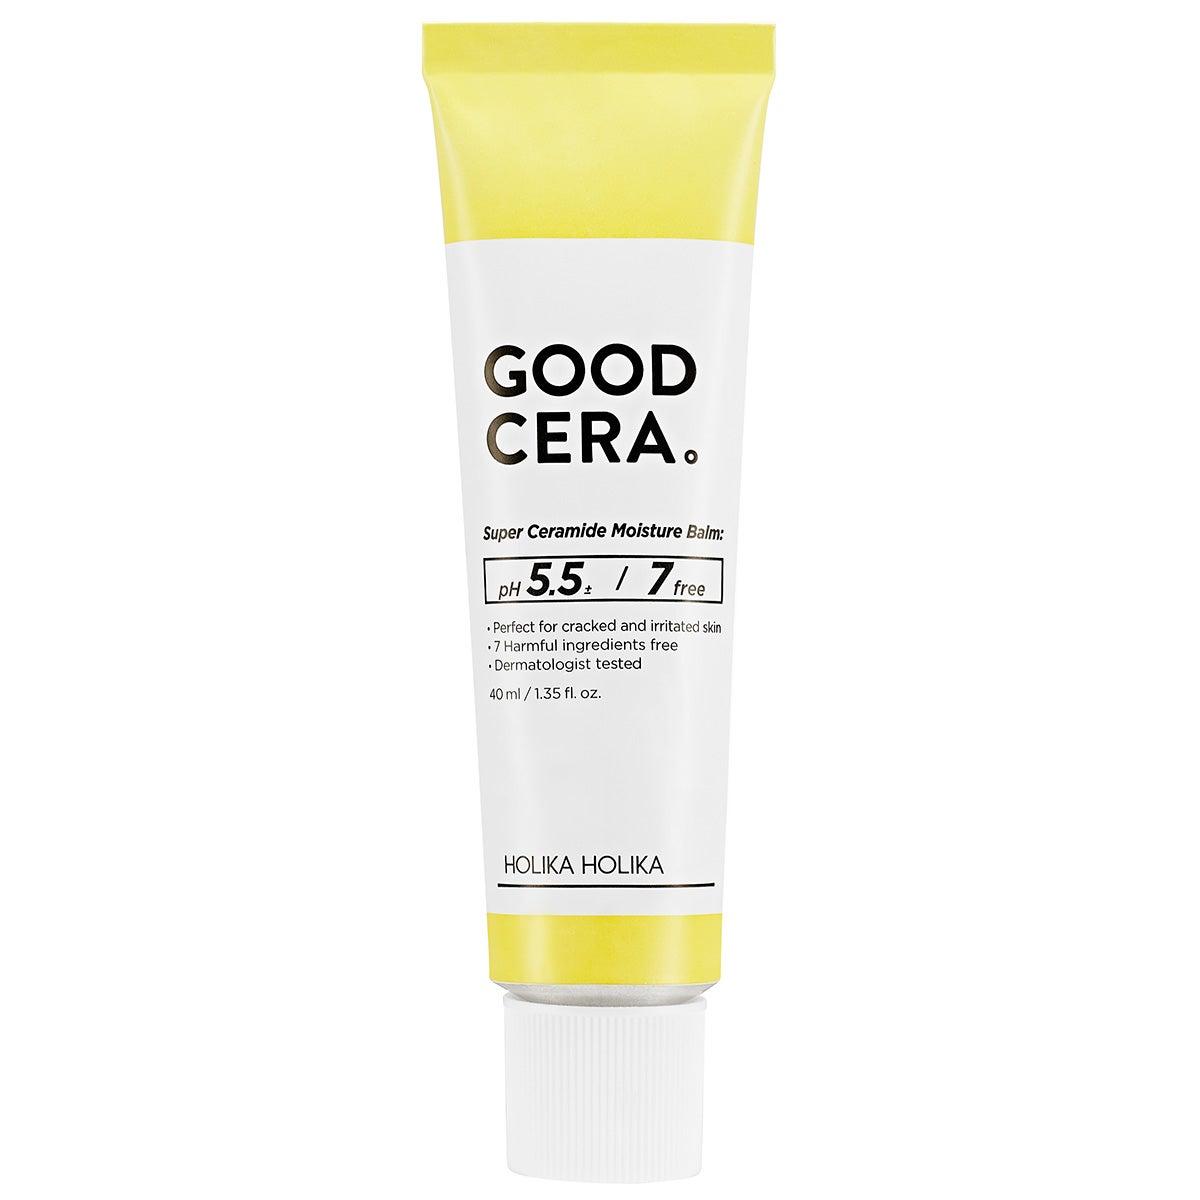 Good Cera Super Ceramide Moisture Balm 40 ml Holika Holika Steg 9: Ansiktskräm